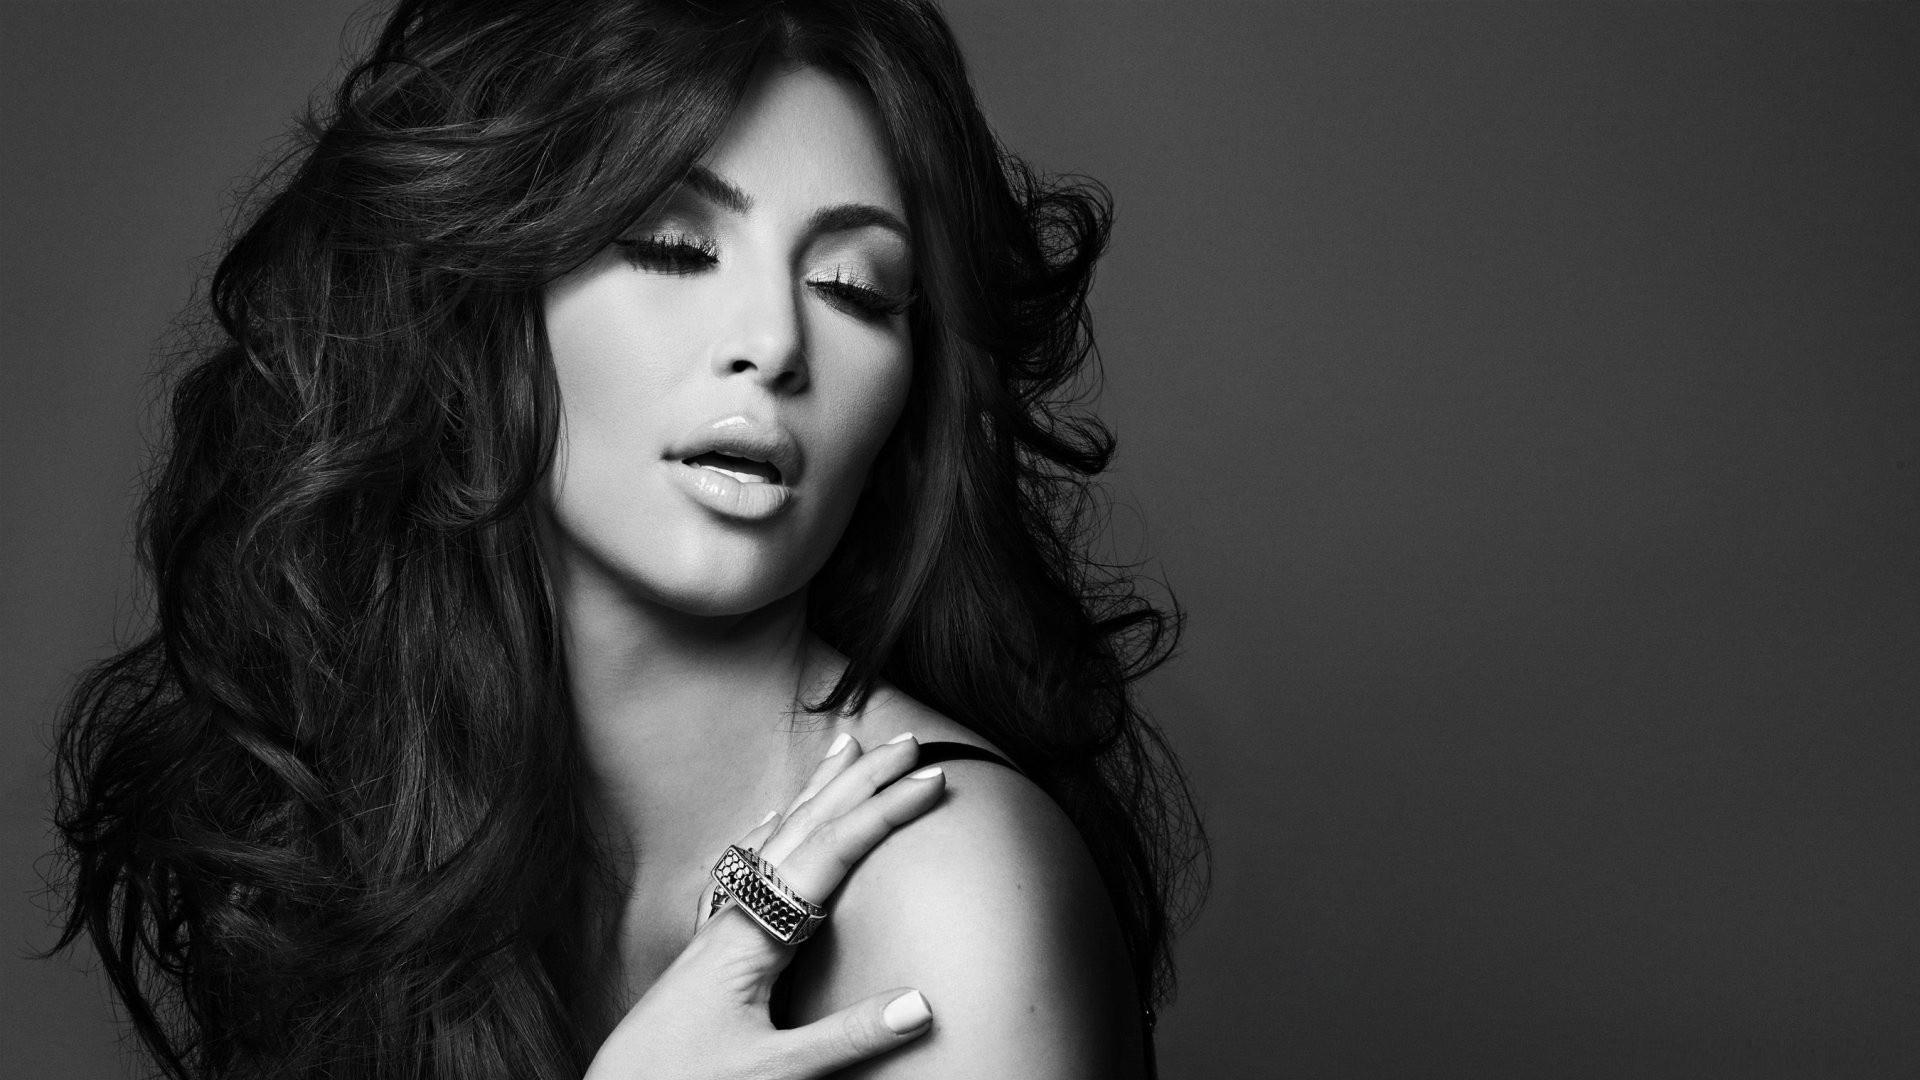 Kim Kardashian Wallpapers HD 1920x1080